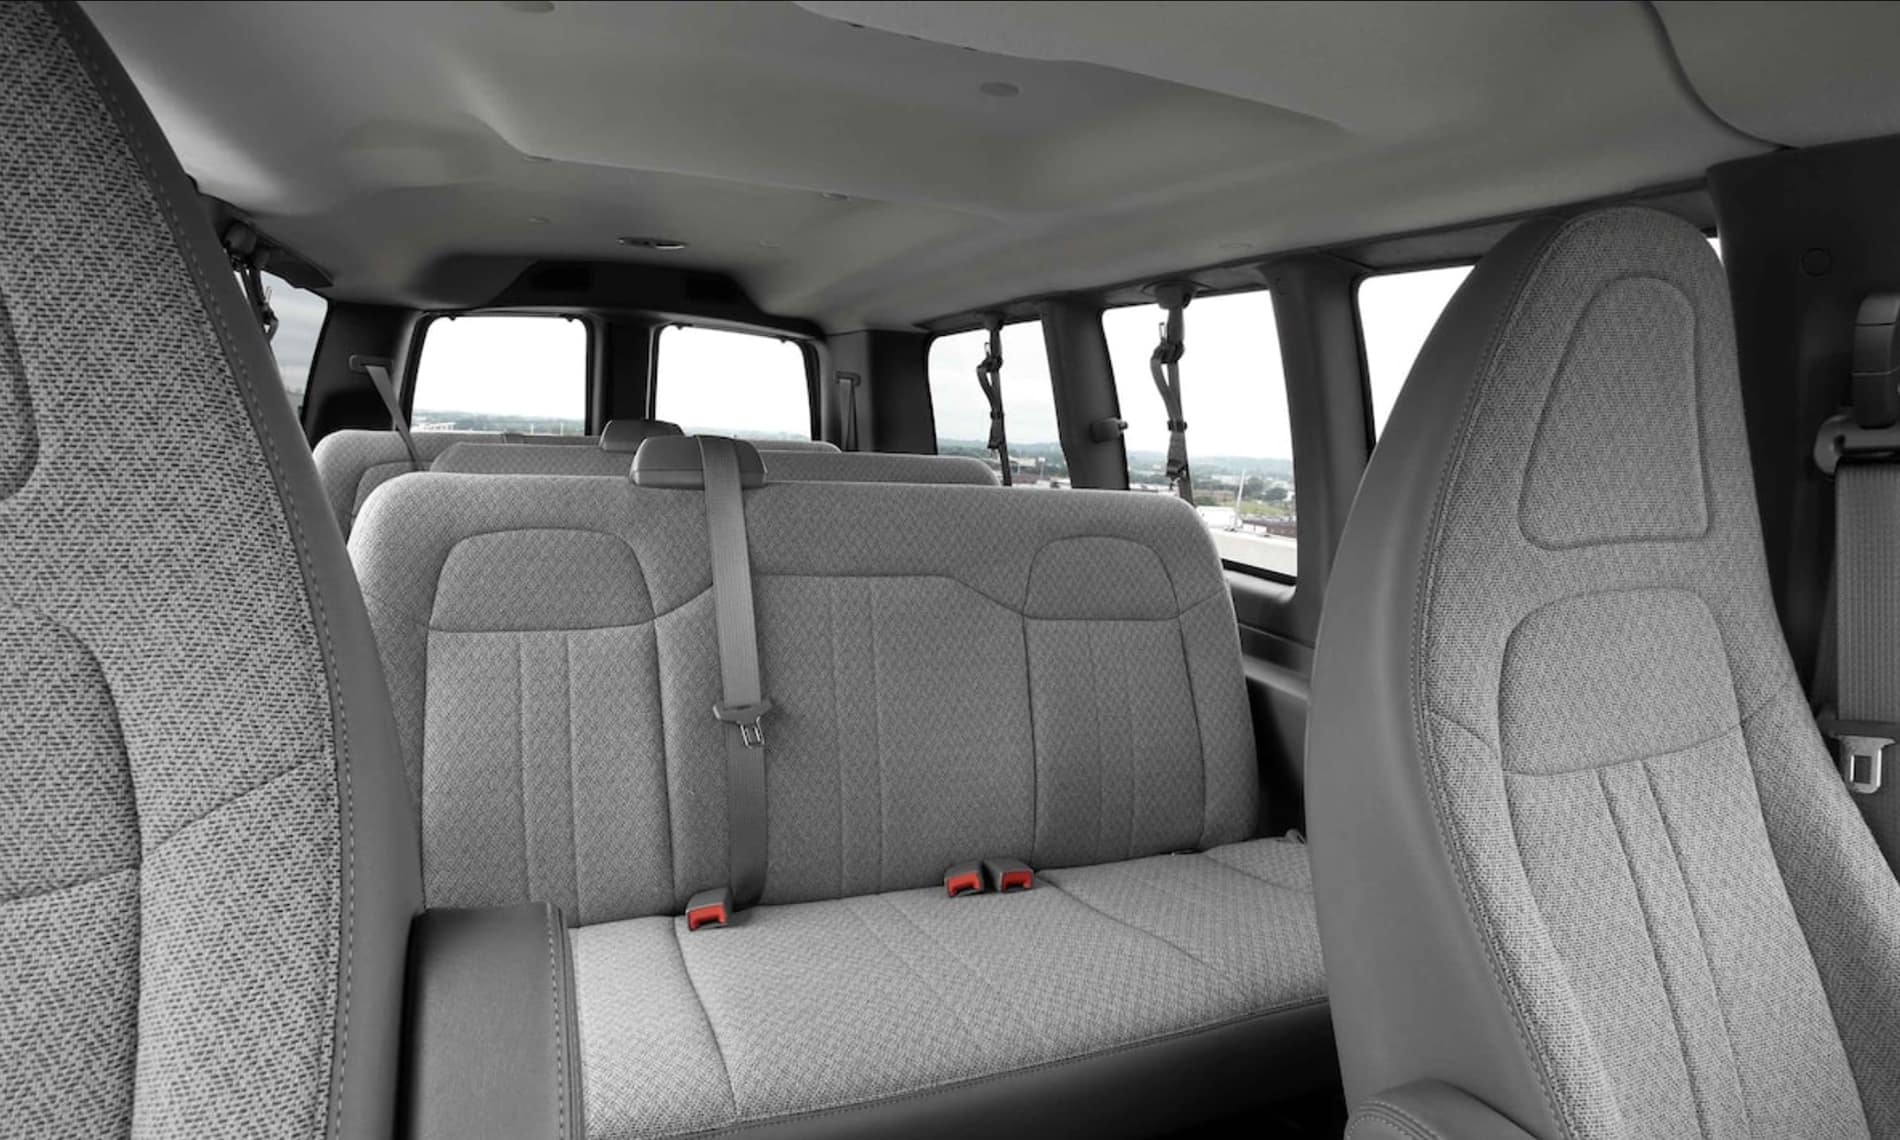 2021 GMC Savana Passenger Van in St. Louis